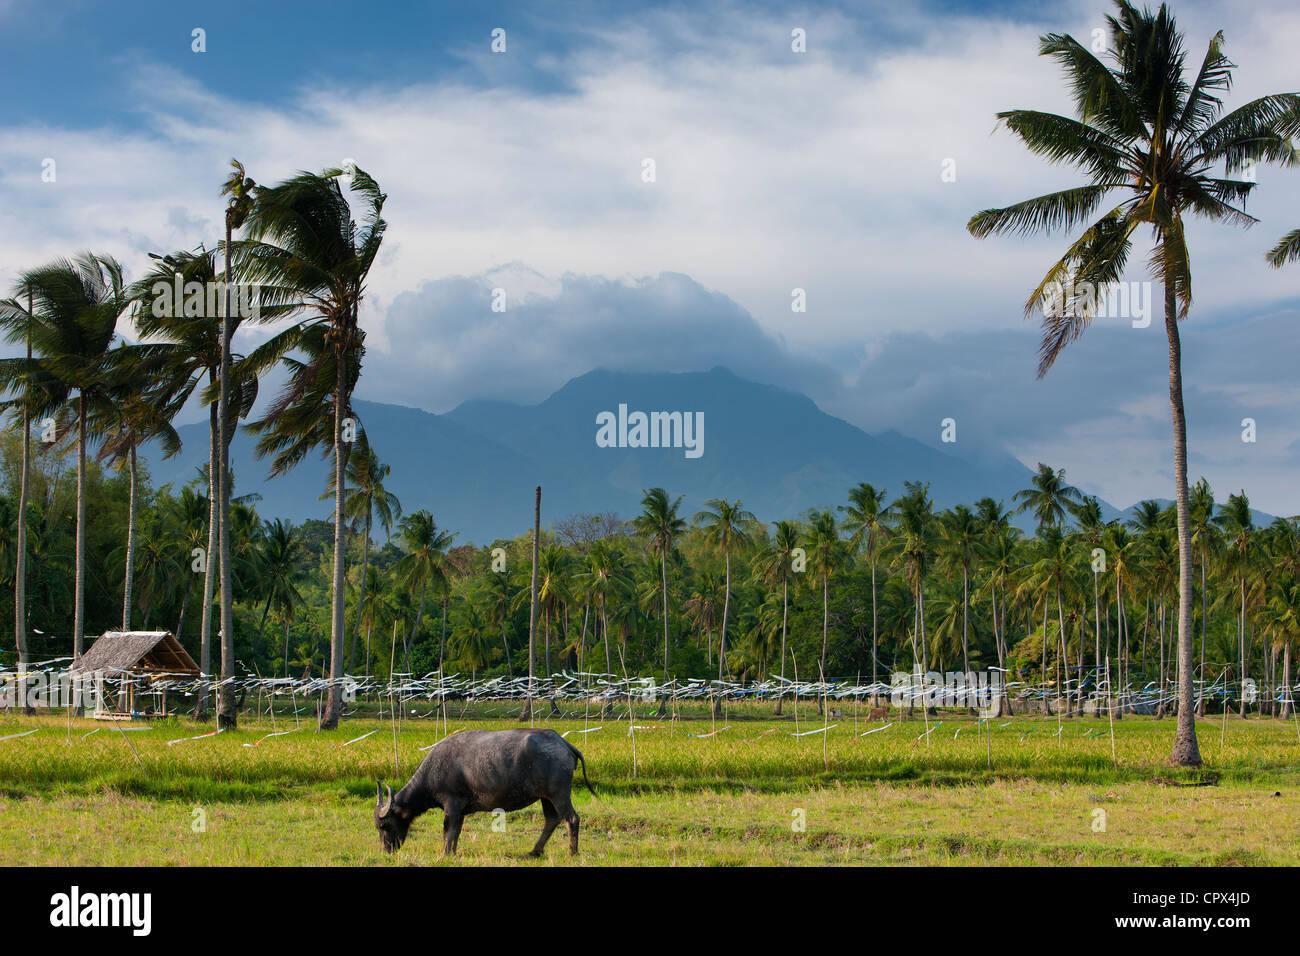 Un pâturage de Buffalo avec les rizières, palmiers et montagnes au-delà, nr Malatapay, Negros, Philippines Photo Stock